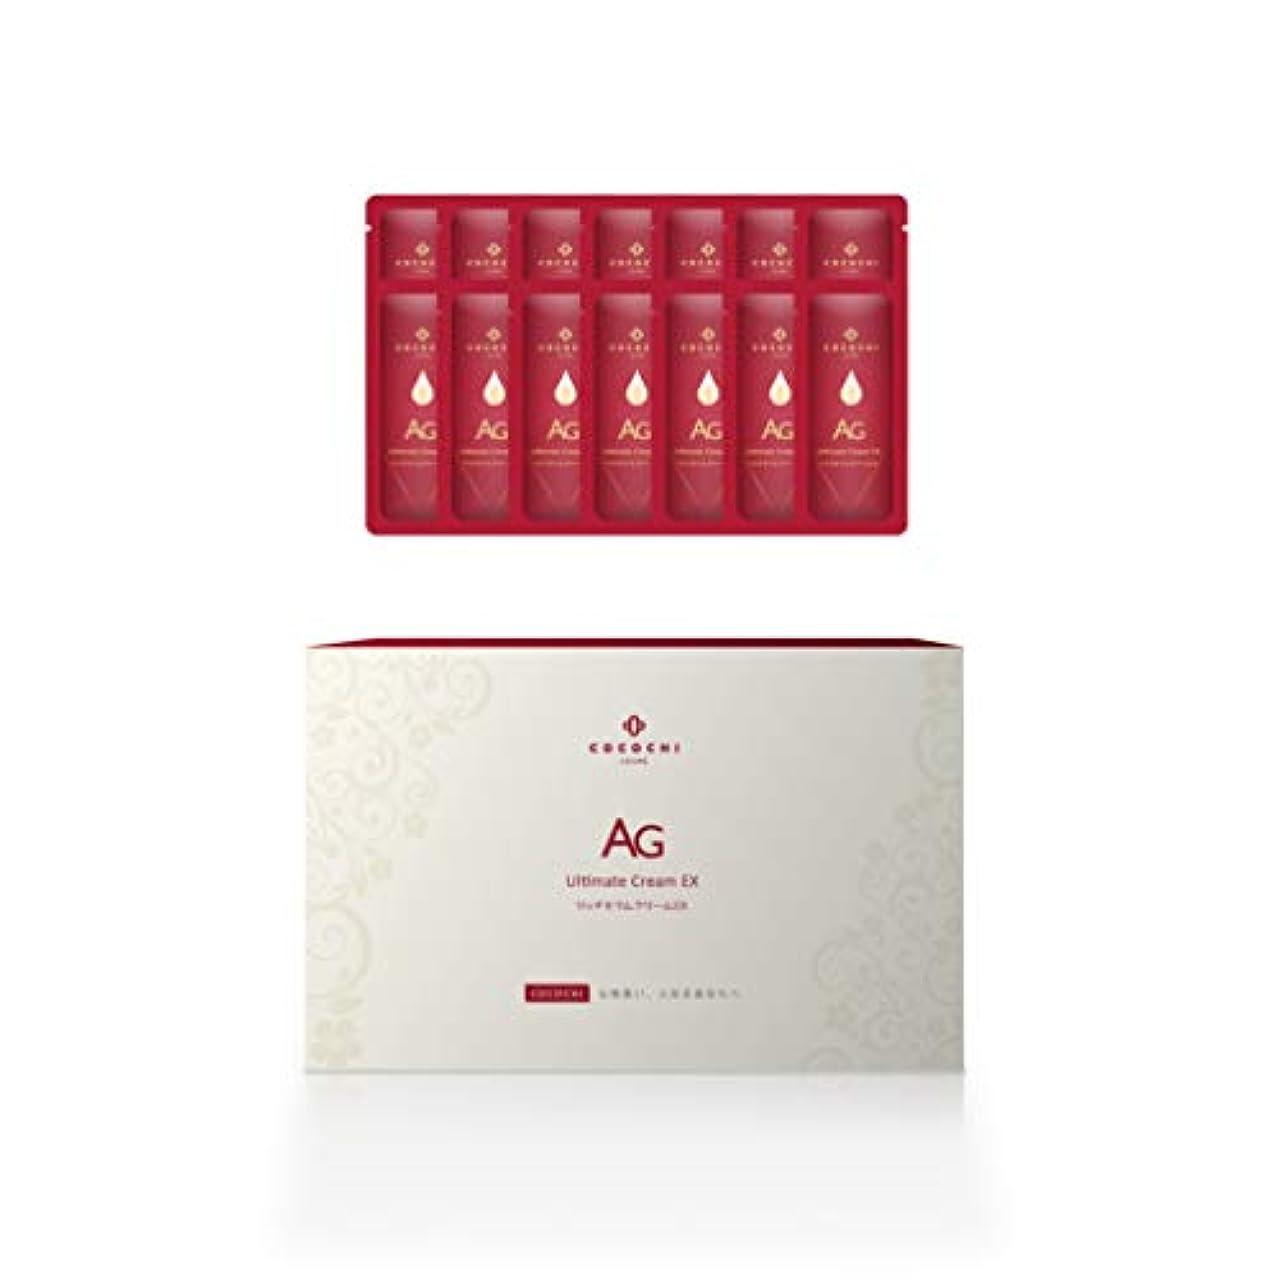 消化論理的春AGアルティメットリッチセラムクリームEX 14枚入り